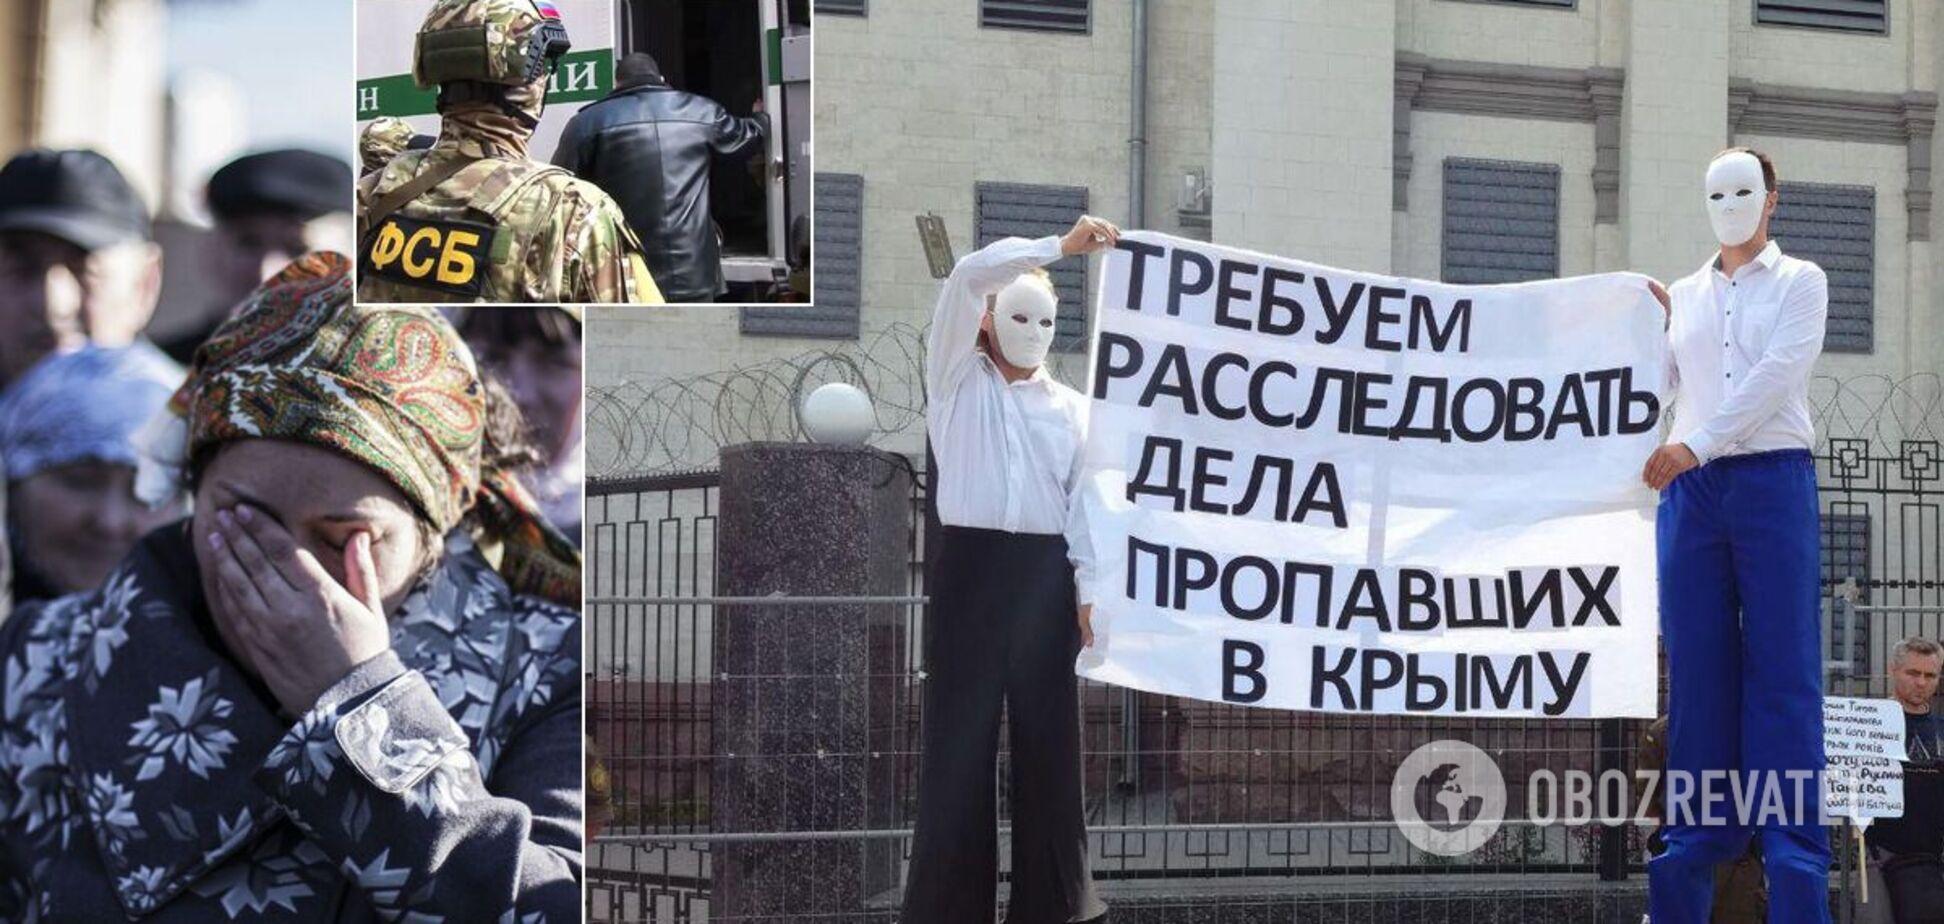 Викрадення ФСБ людей у Криму